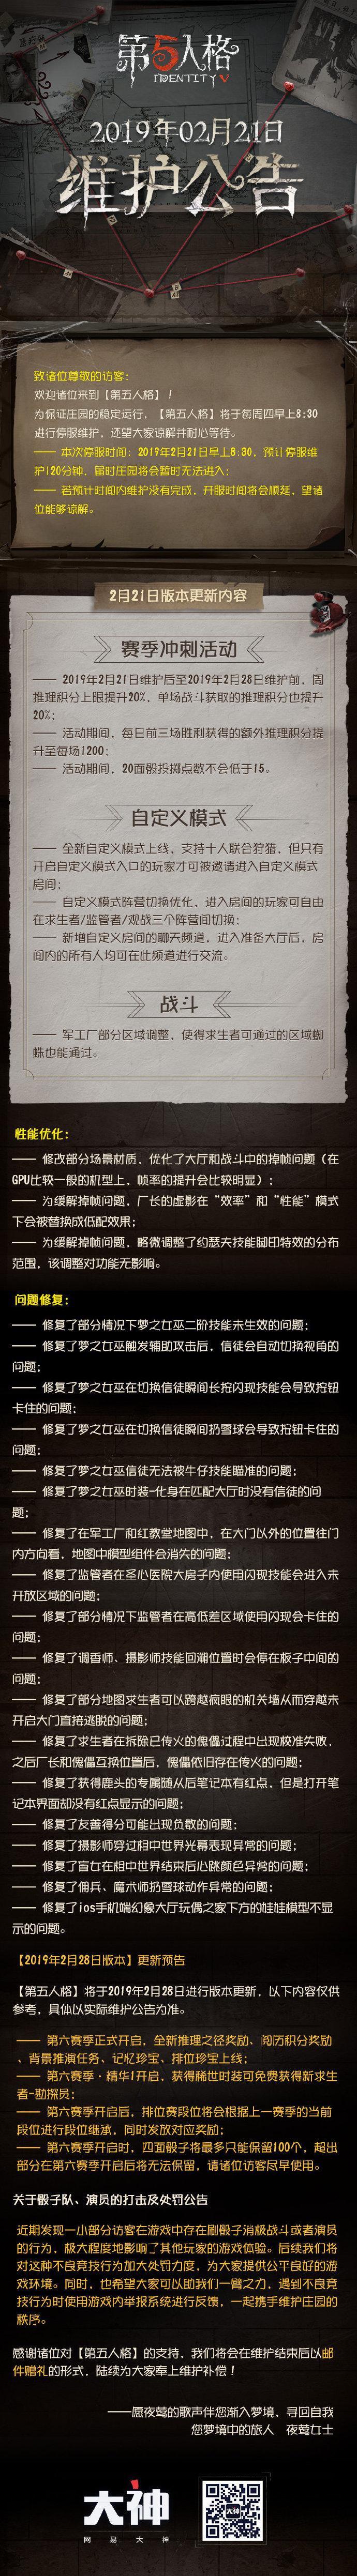 第五人格2月21日维护公告